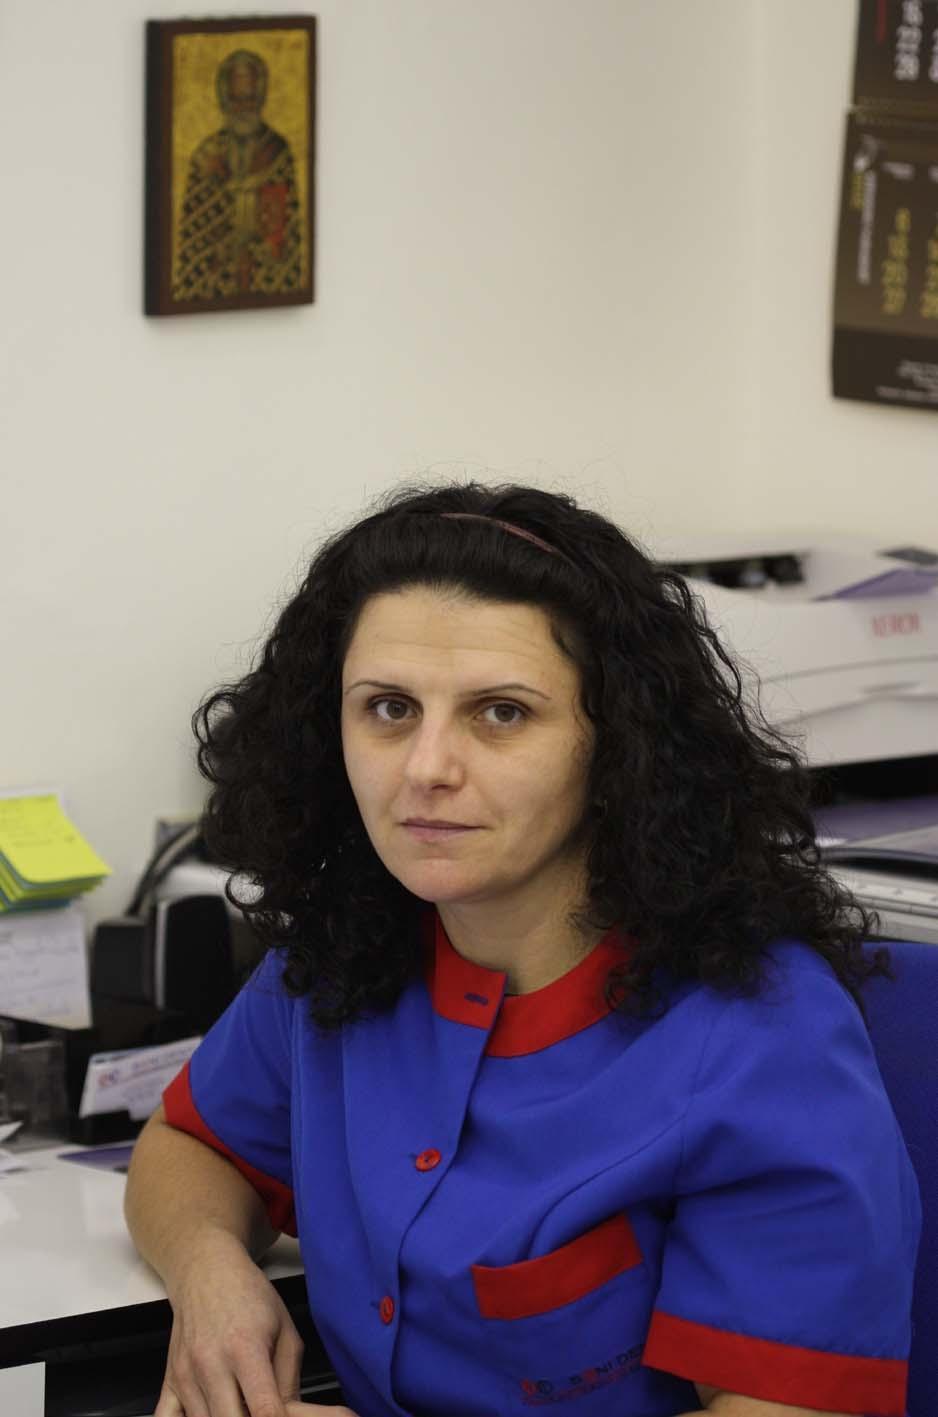 Yolanda Krum Vladimirova